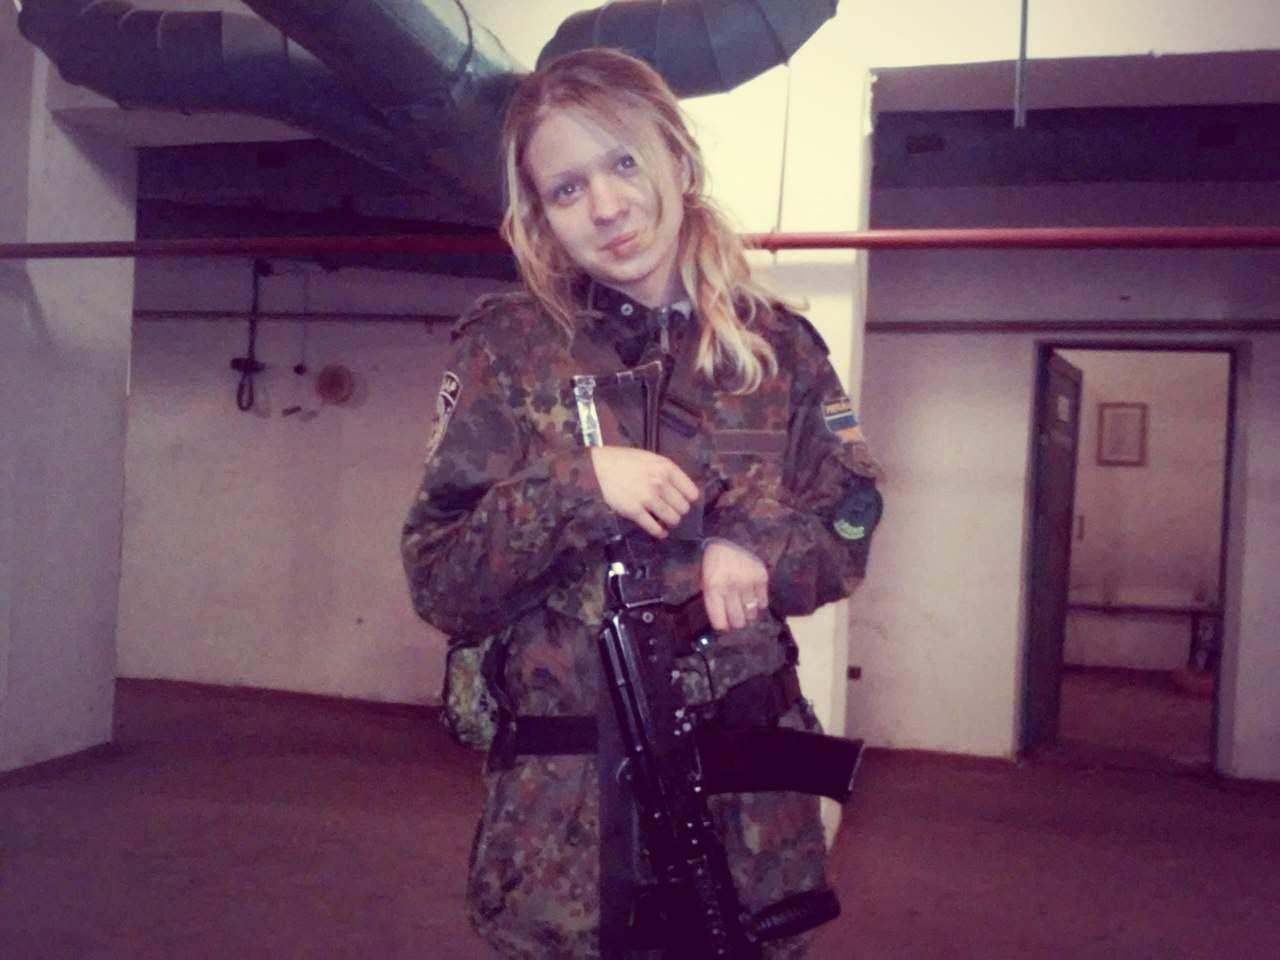 Адвокат арестованной нацистки Заверухи утверждает, что ее пытают в СИЗО и она «перегрызла себе вены» | Русская весна